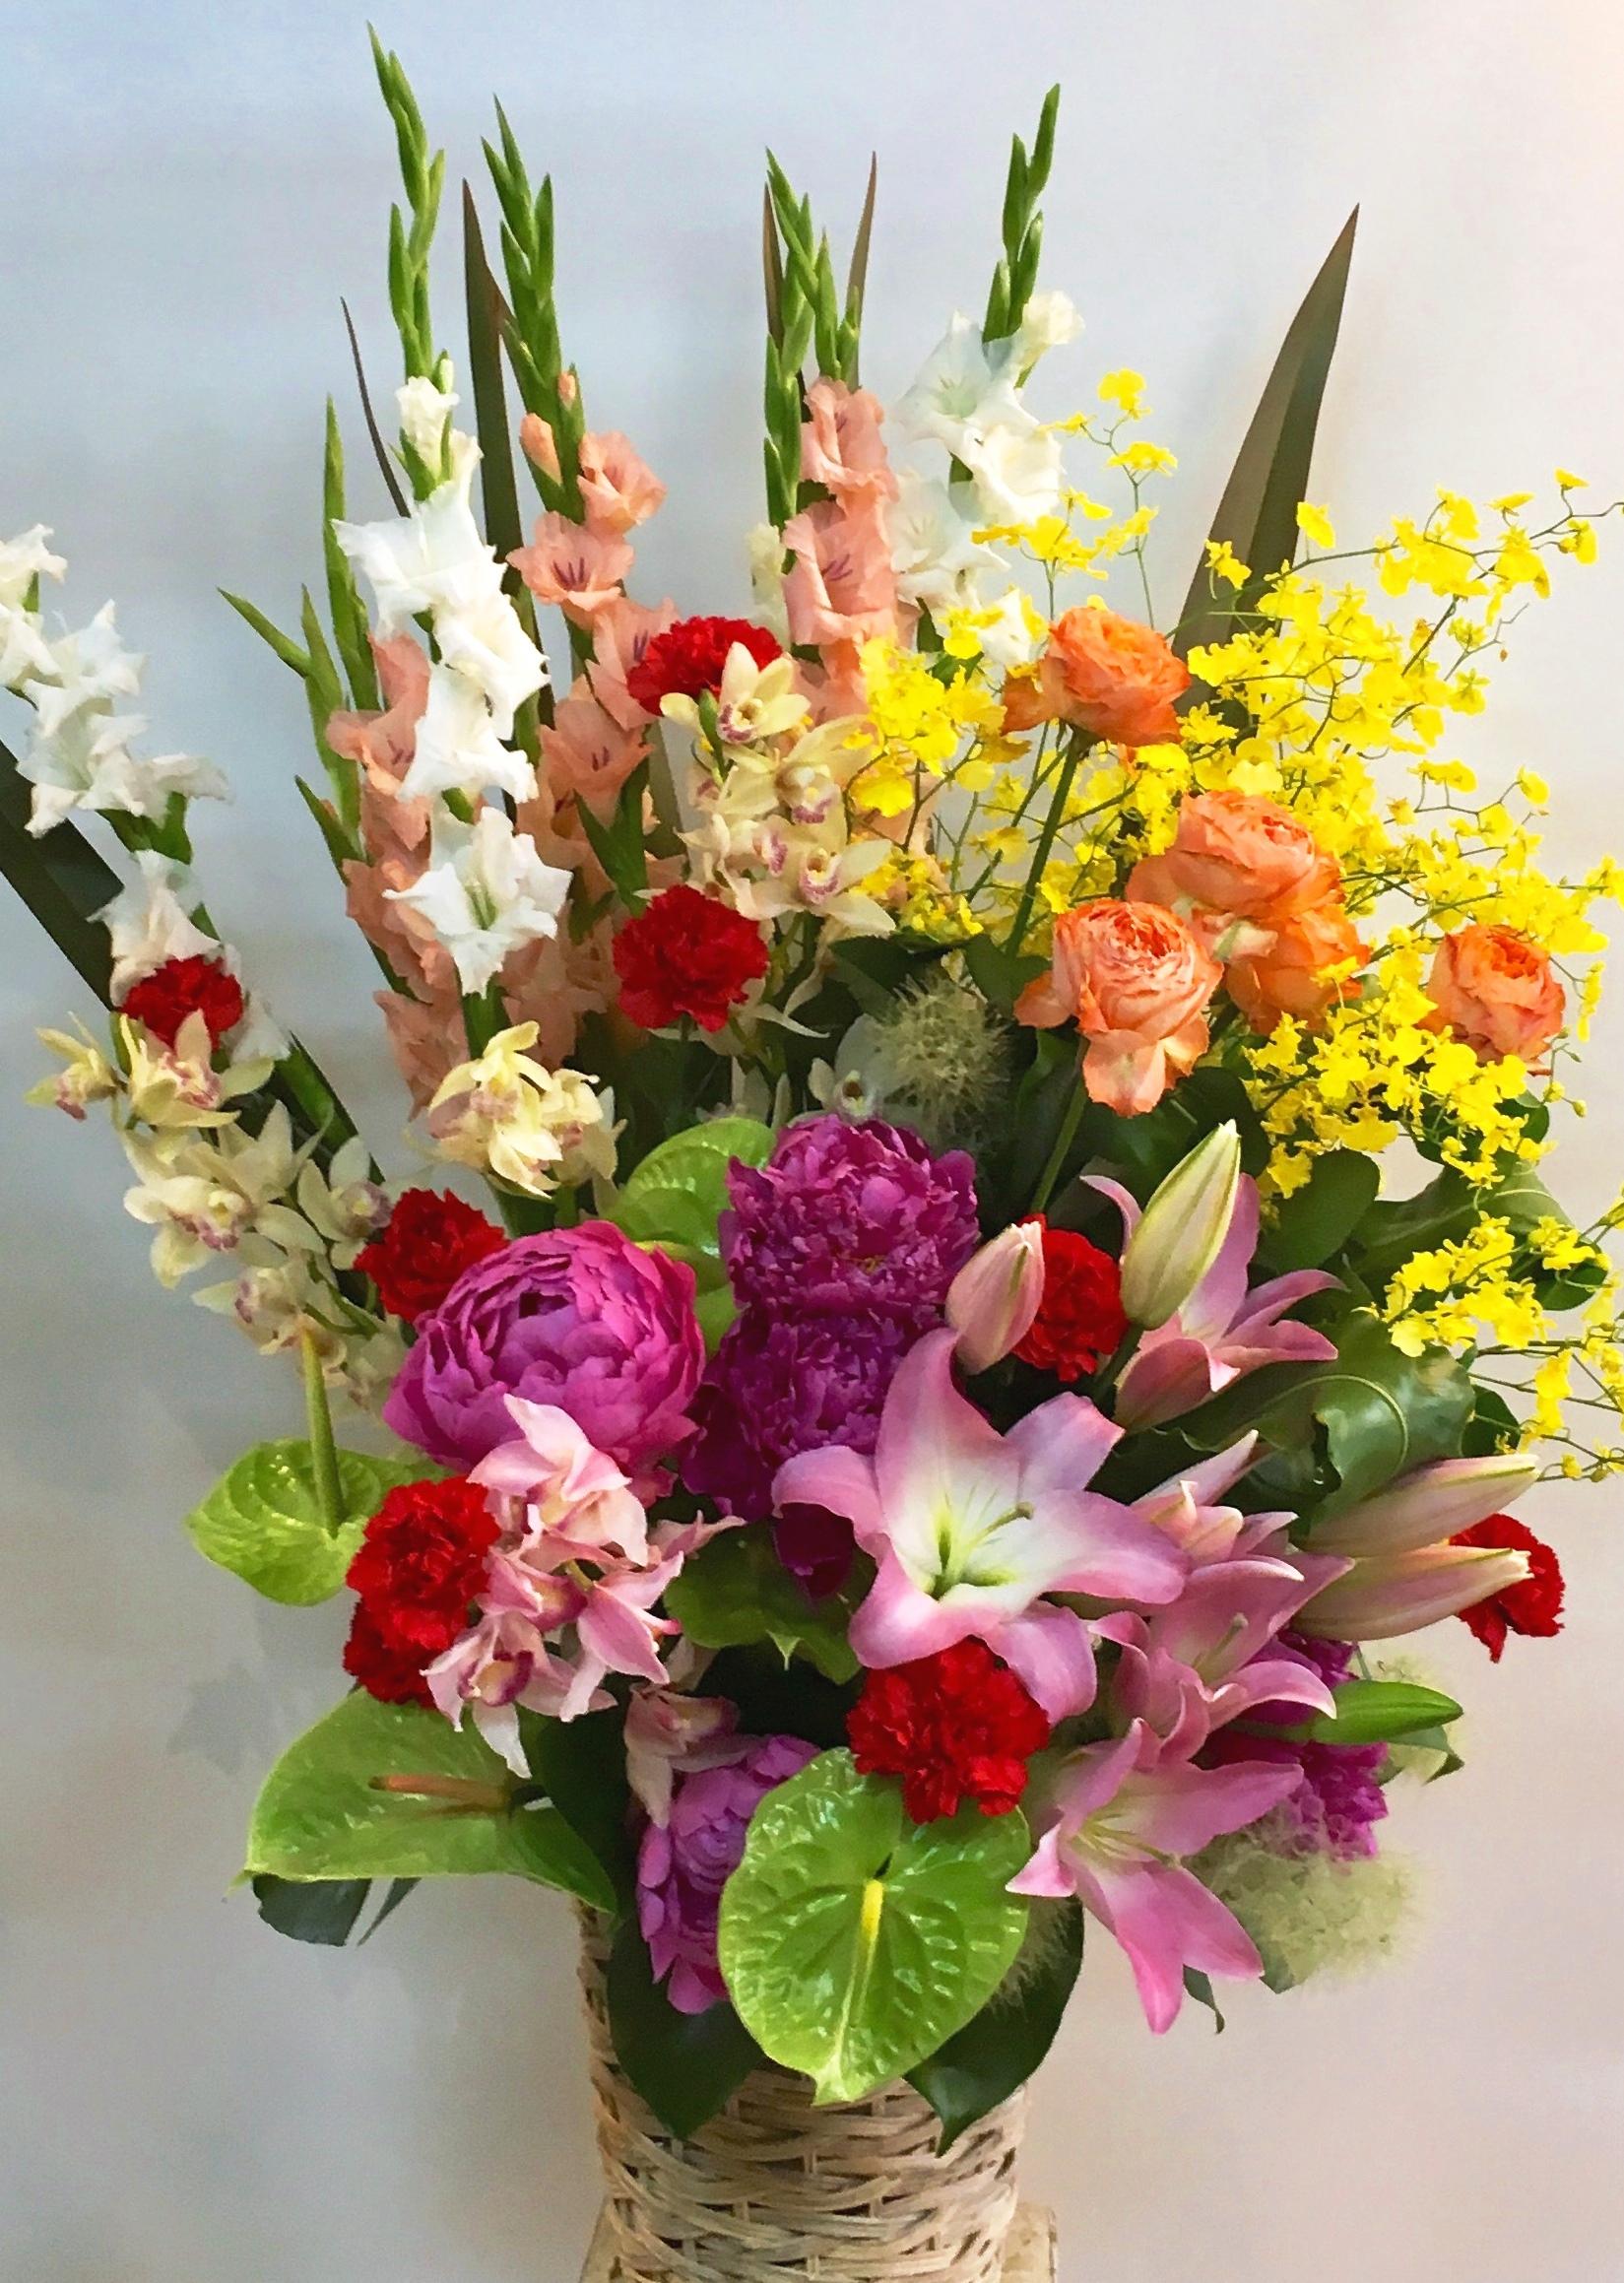 【ナオ花屋の納品事例48】横浜市関内の法人企業様よりアレンジメントを配達しました!